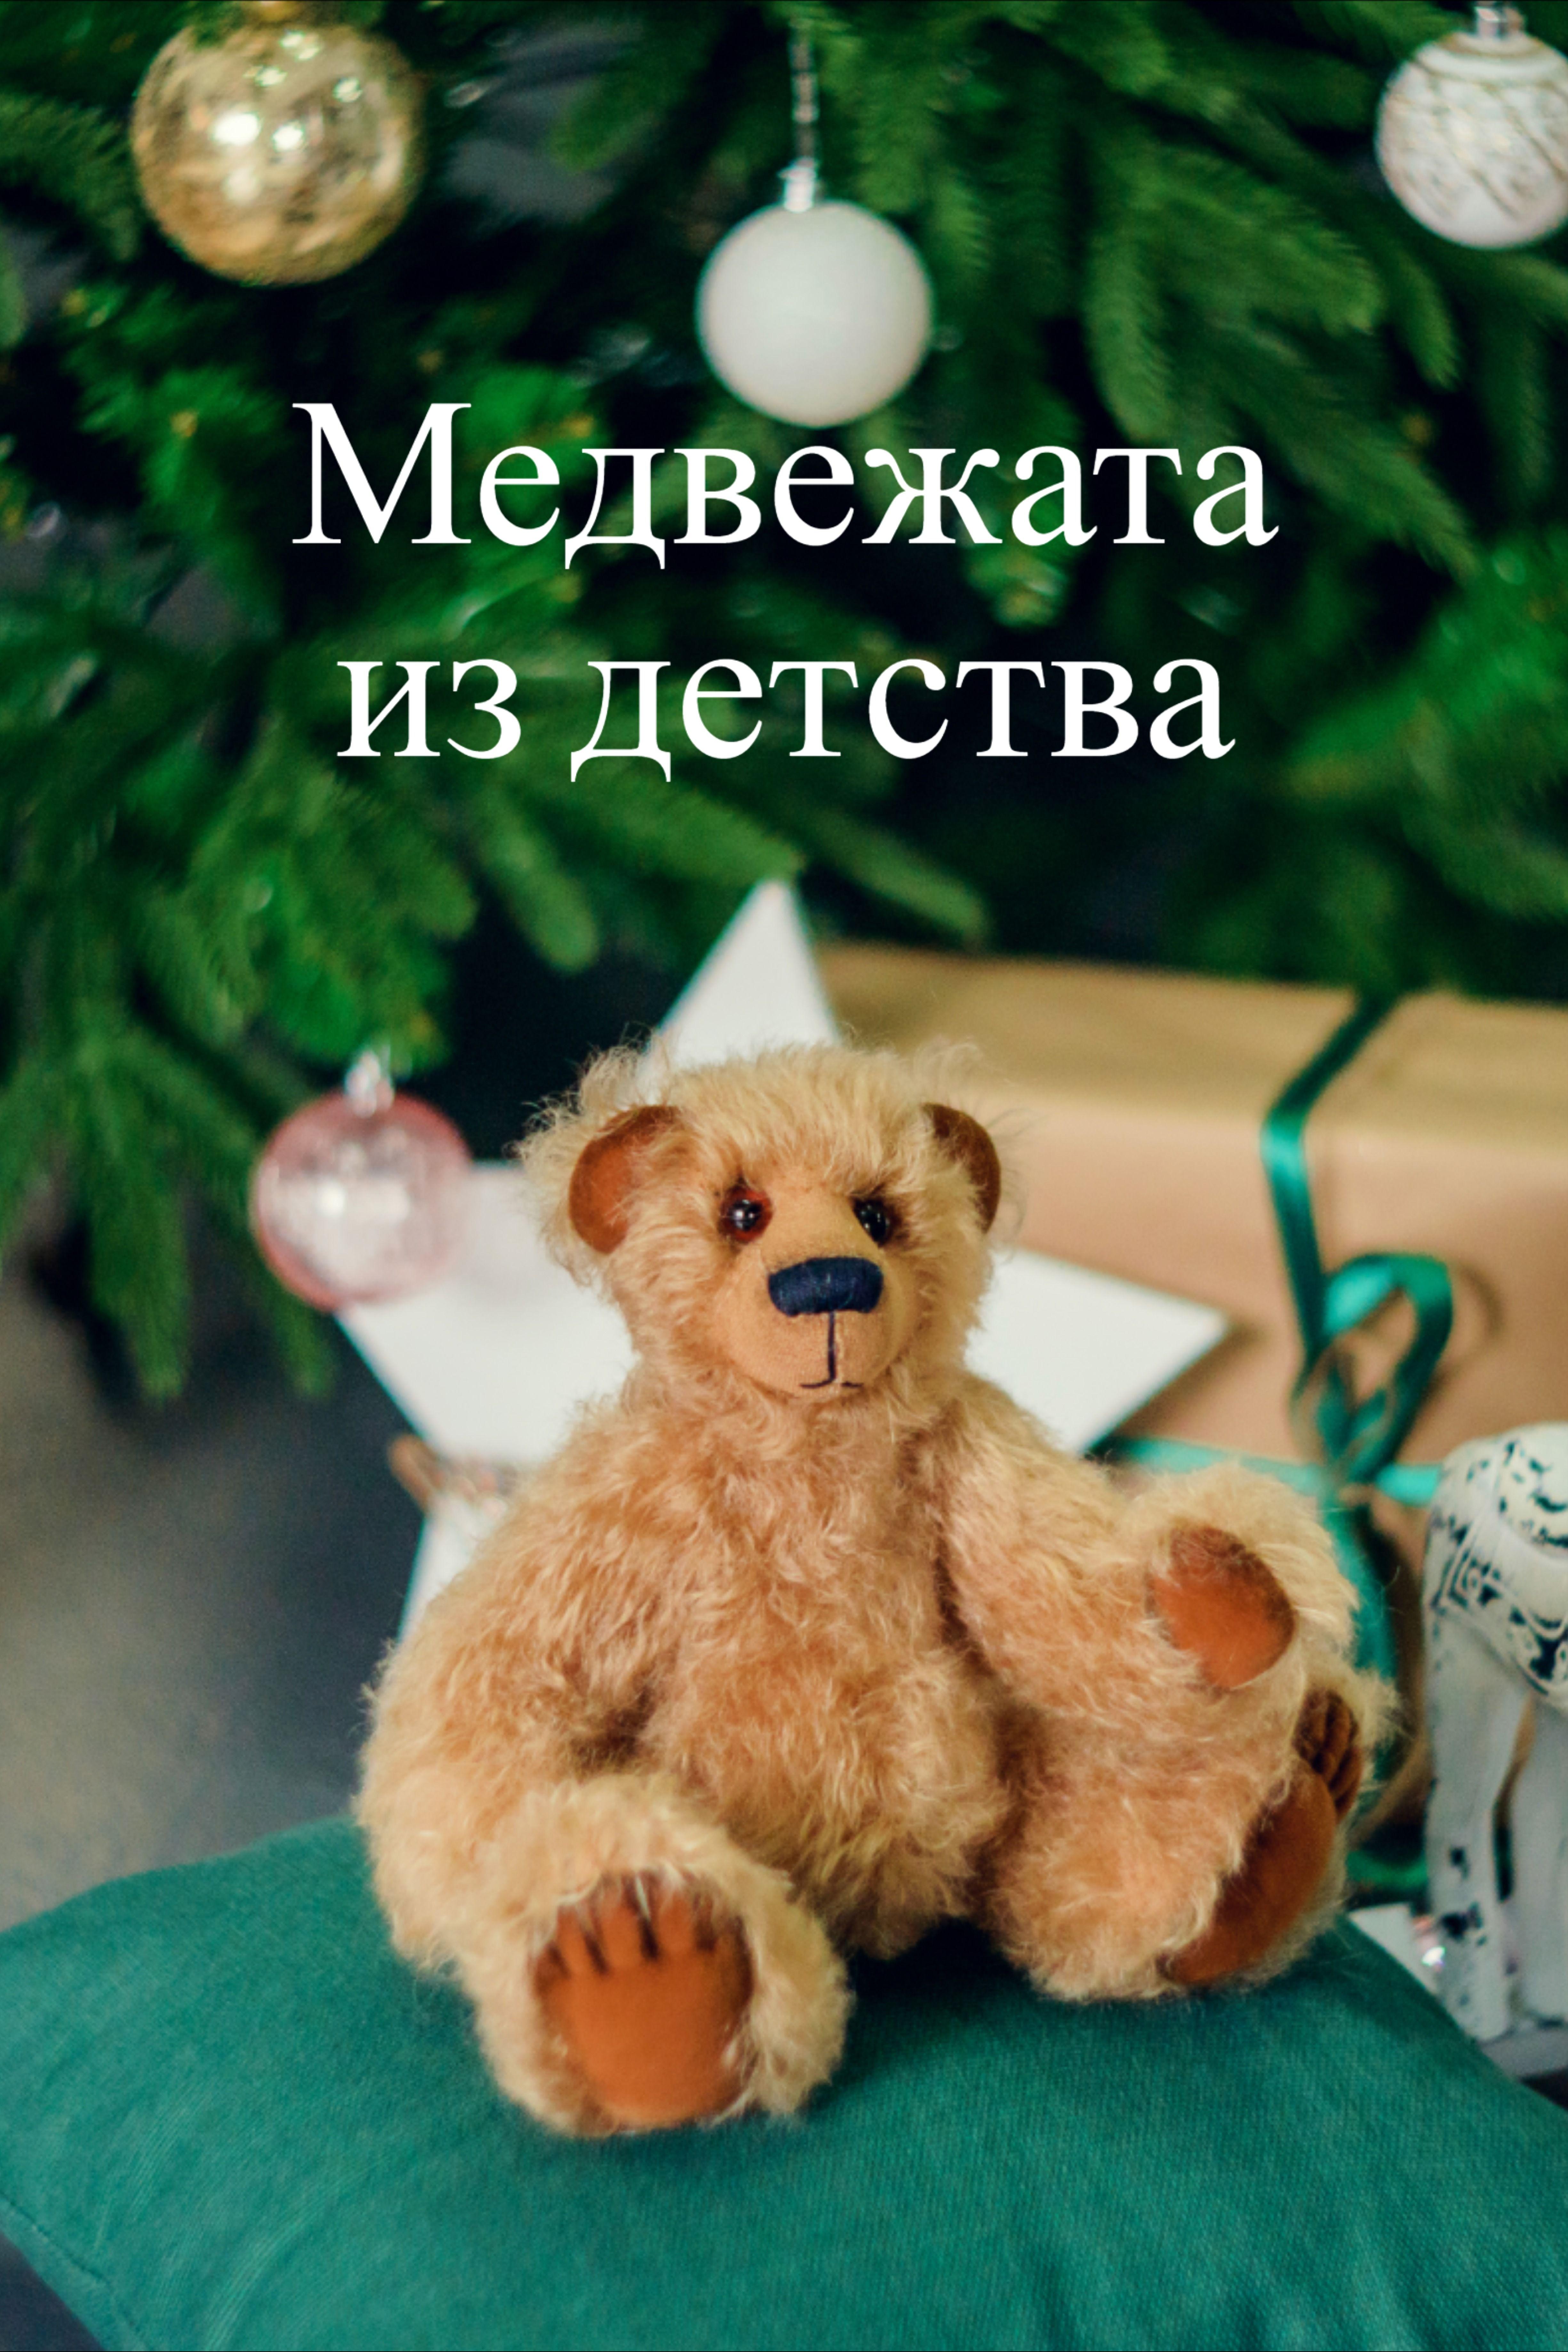 Обои плюшевая, подарки, елка. Лисы foto 15